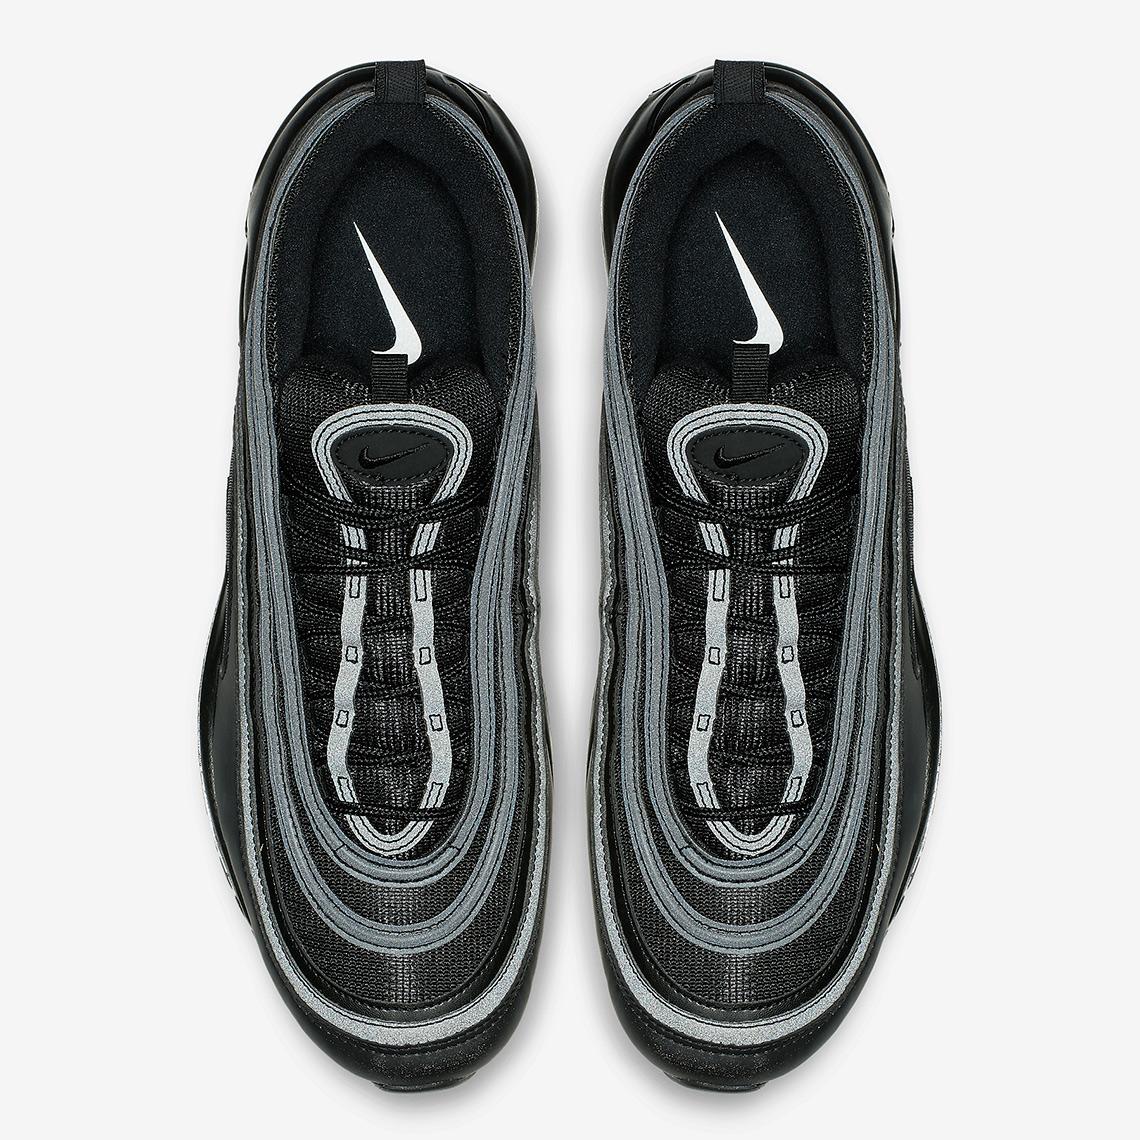 Nike Air Max 97 Triple Black BQ4567 001 Release Info